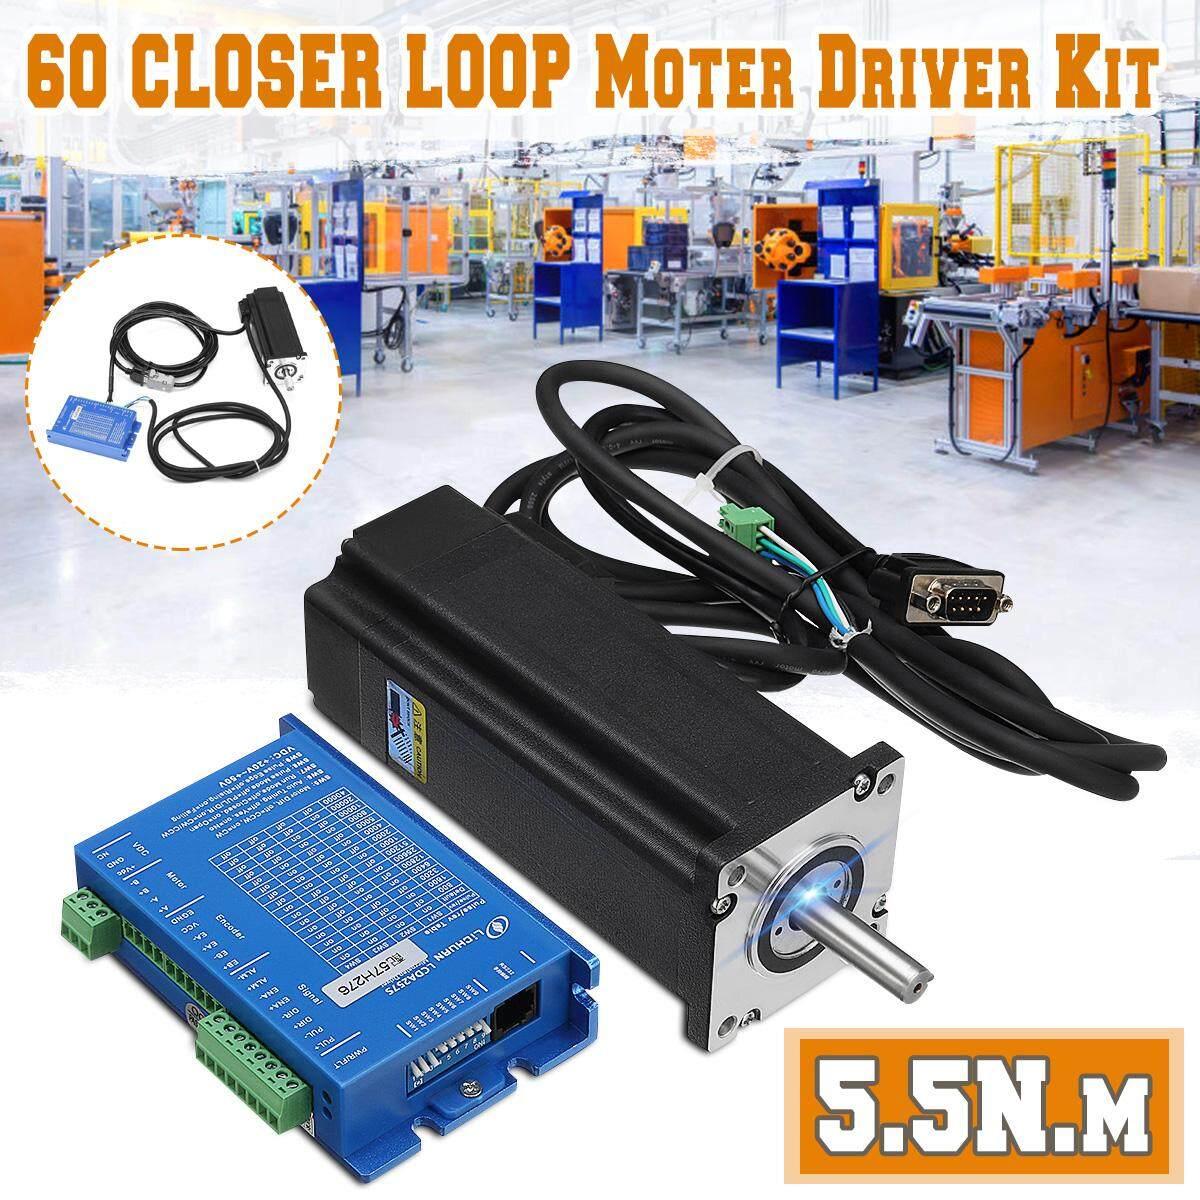 Baru 2 Fase 60 Loop Tertutup Motor Steper 5.5 N.m. Driver Kit Lcda257s + Lc60h2127 By Motorup.